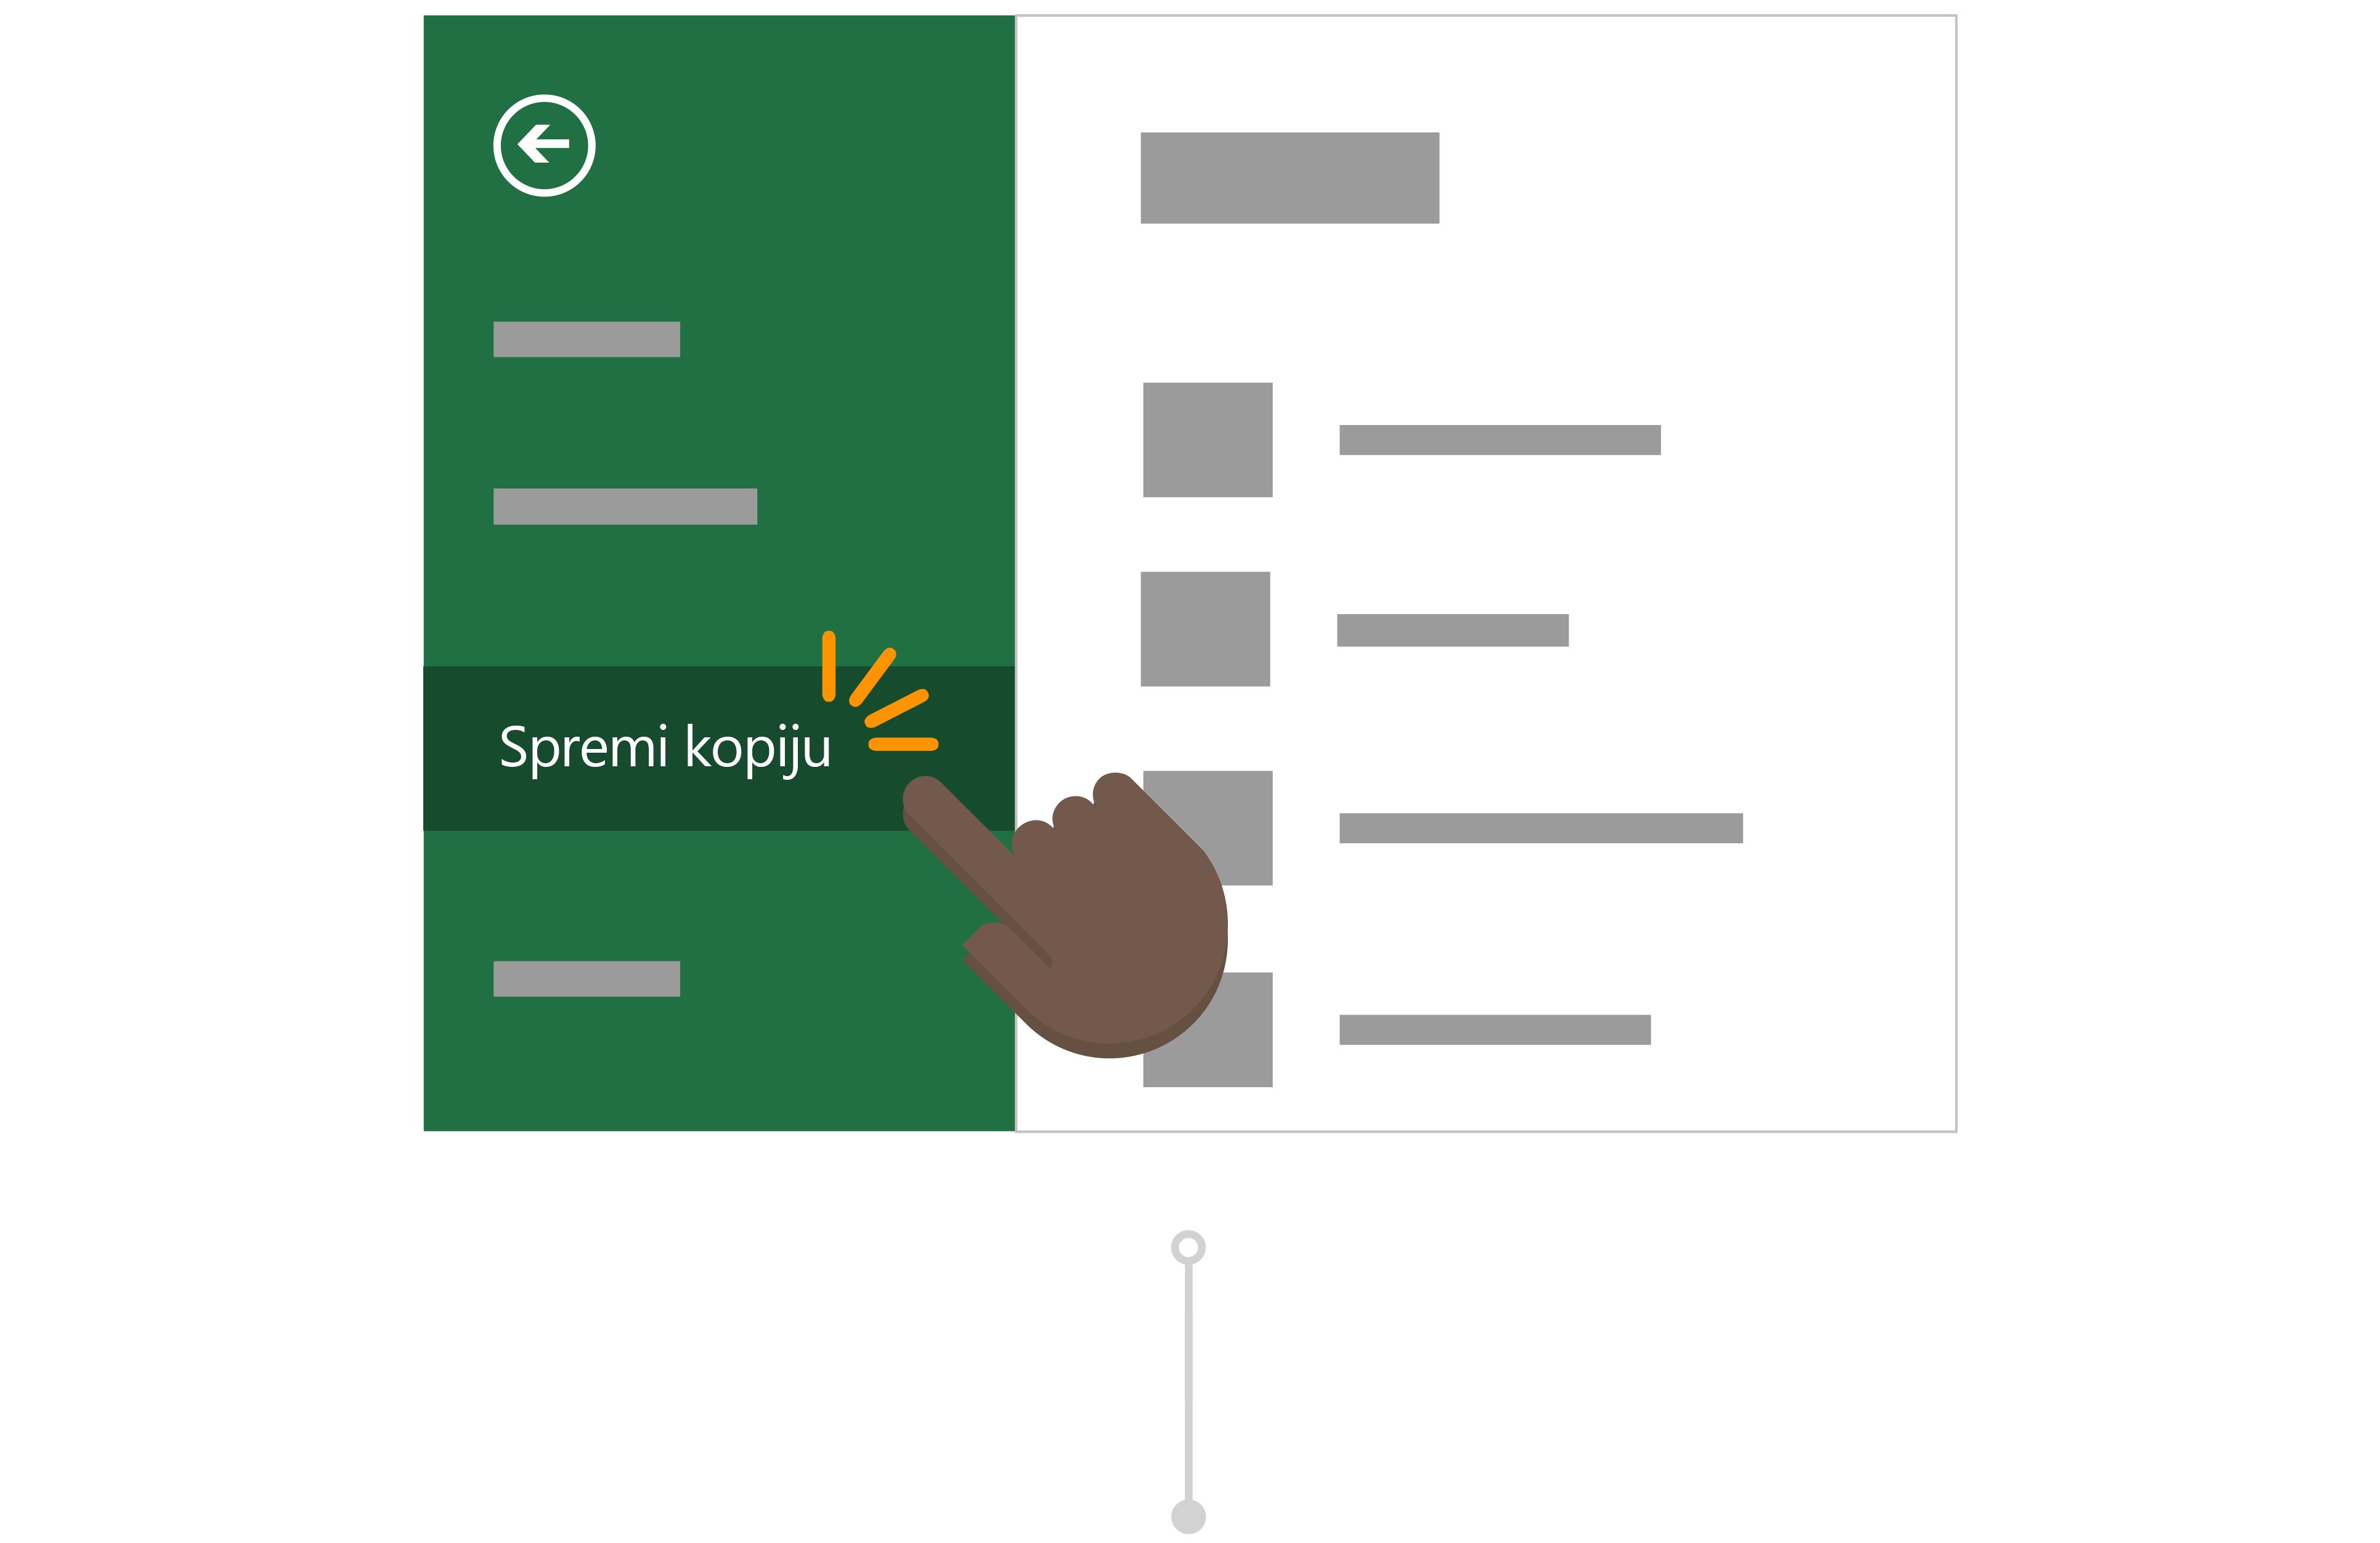 Todd koristi spremanje kopije radi spremanja vlastite verzije izvješća na servisu OneDrive.